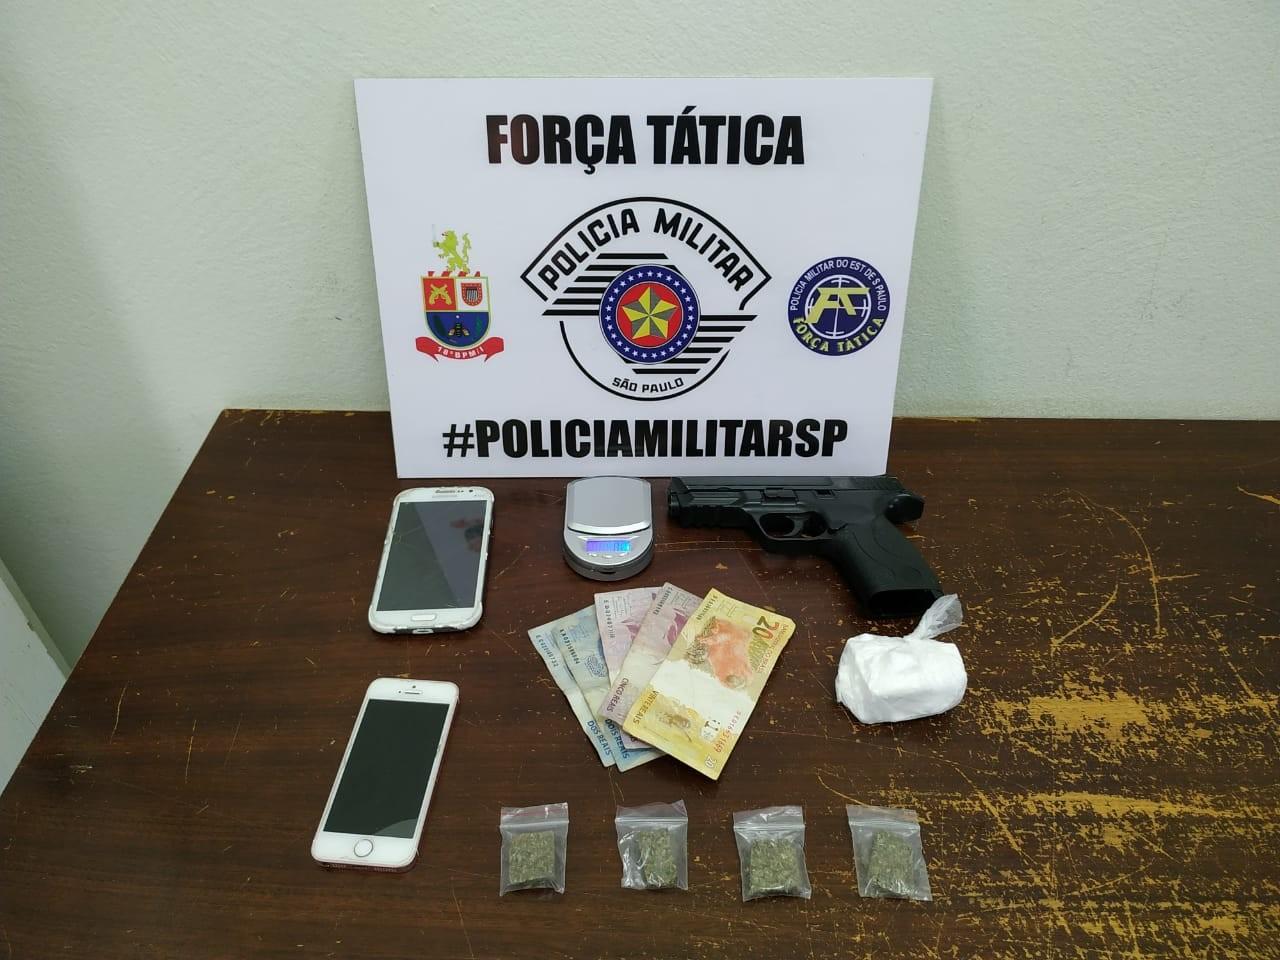 Drogas, balanças de precisão e simulacro de pistola são apreendidos pela Força Tática - Notícias - Plantão Diário